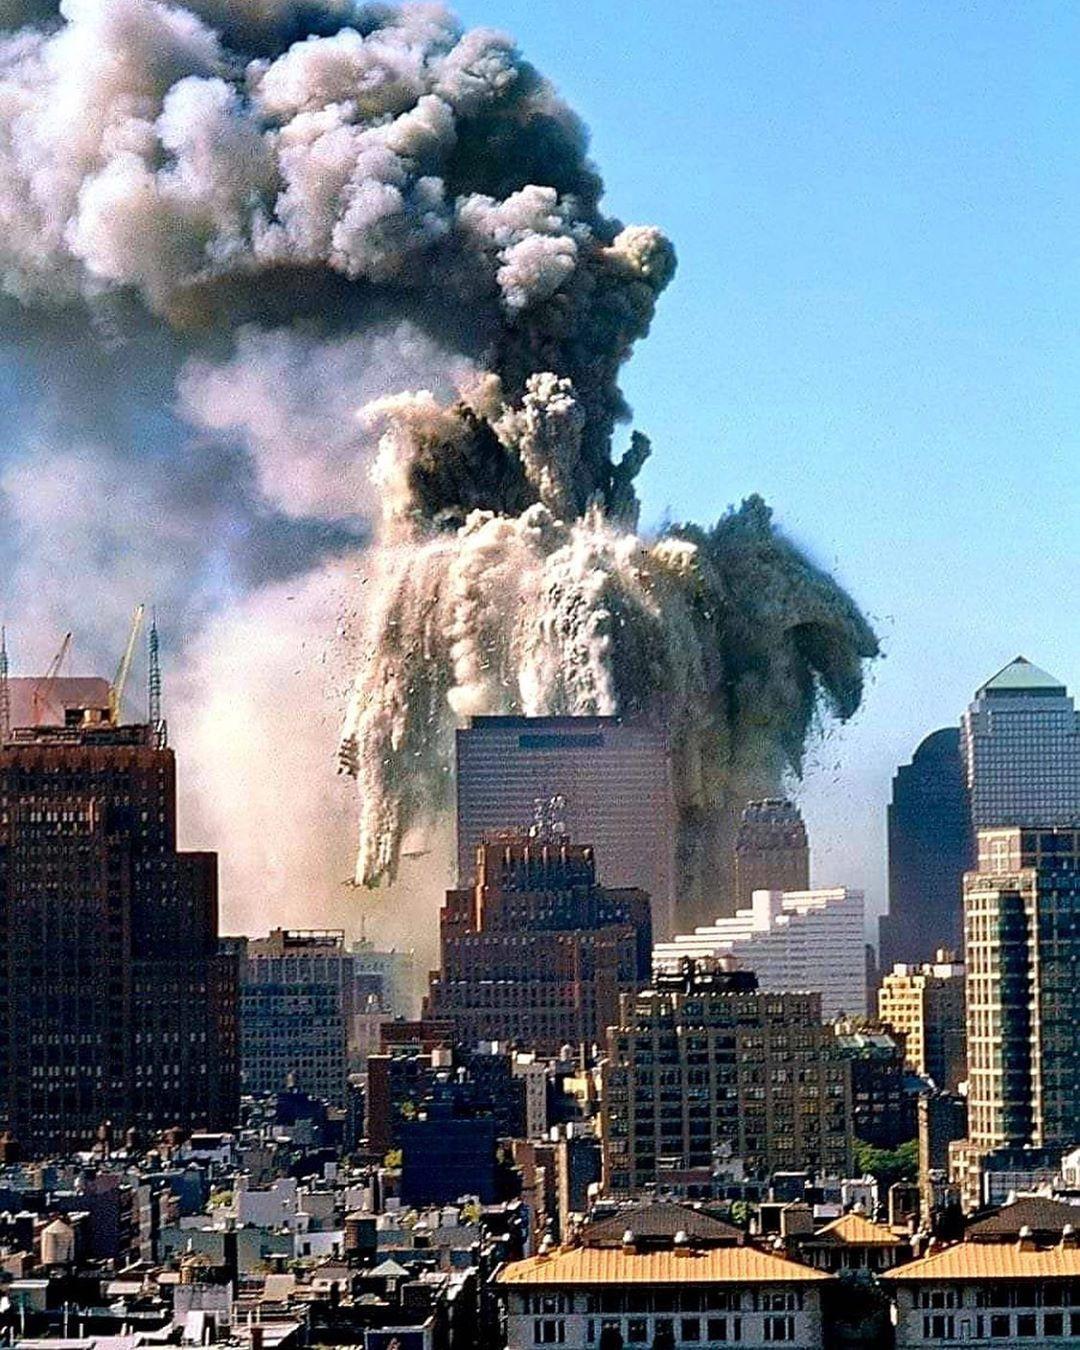 башни близнецы разрушение фото называют королем ароматов